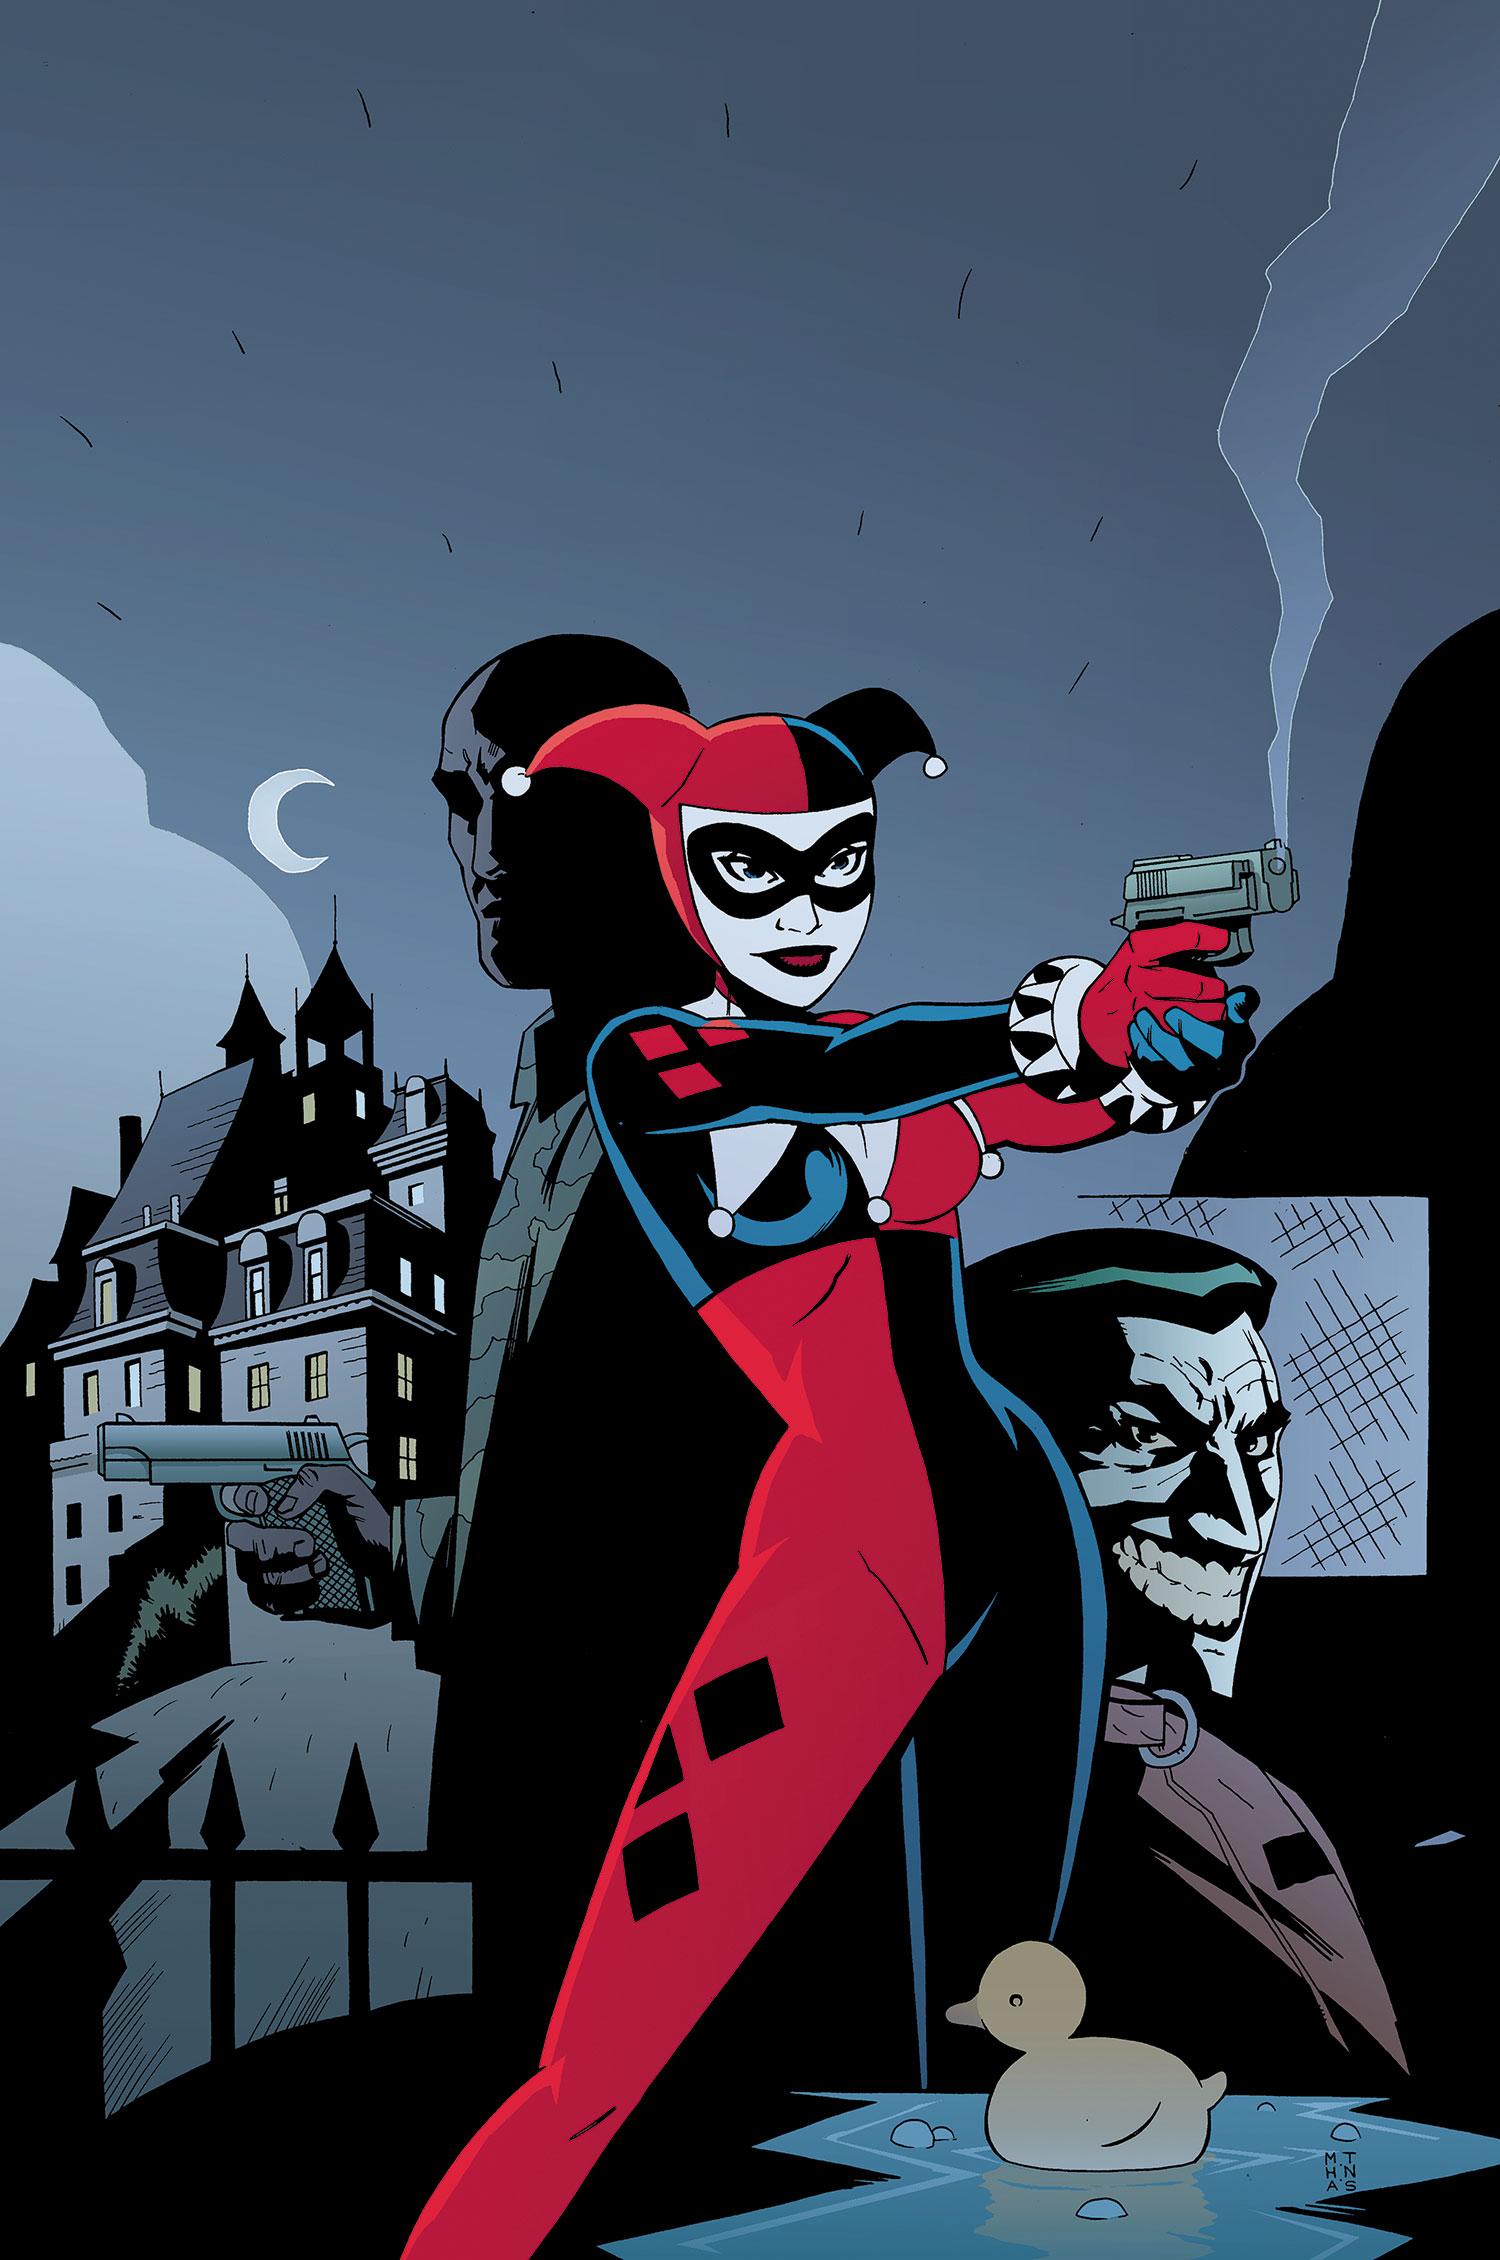 Арты бэтмен и джокер